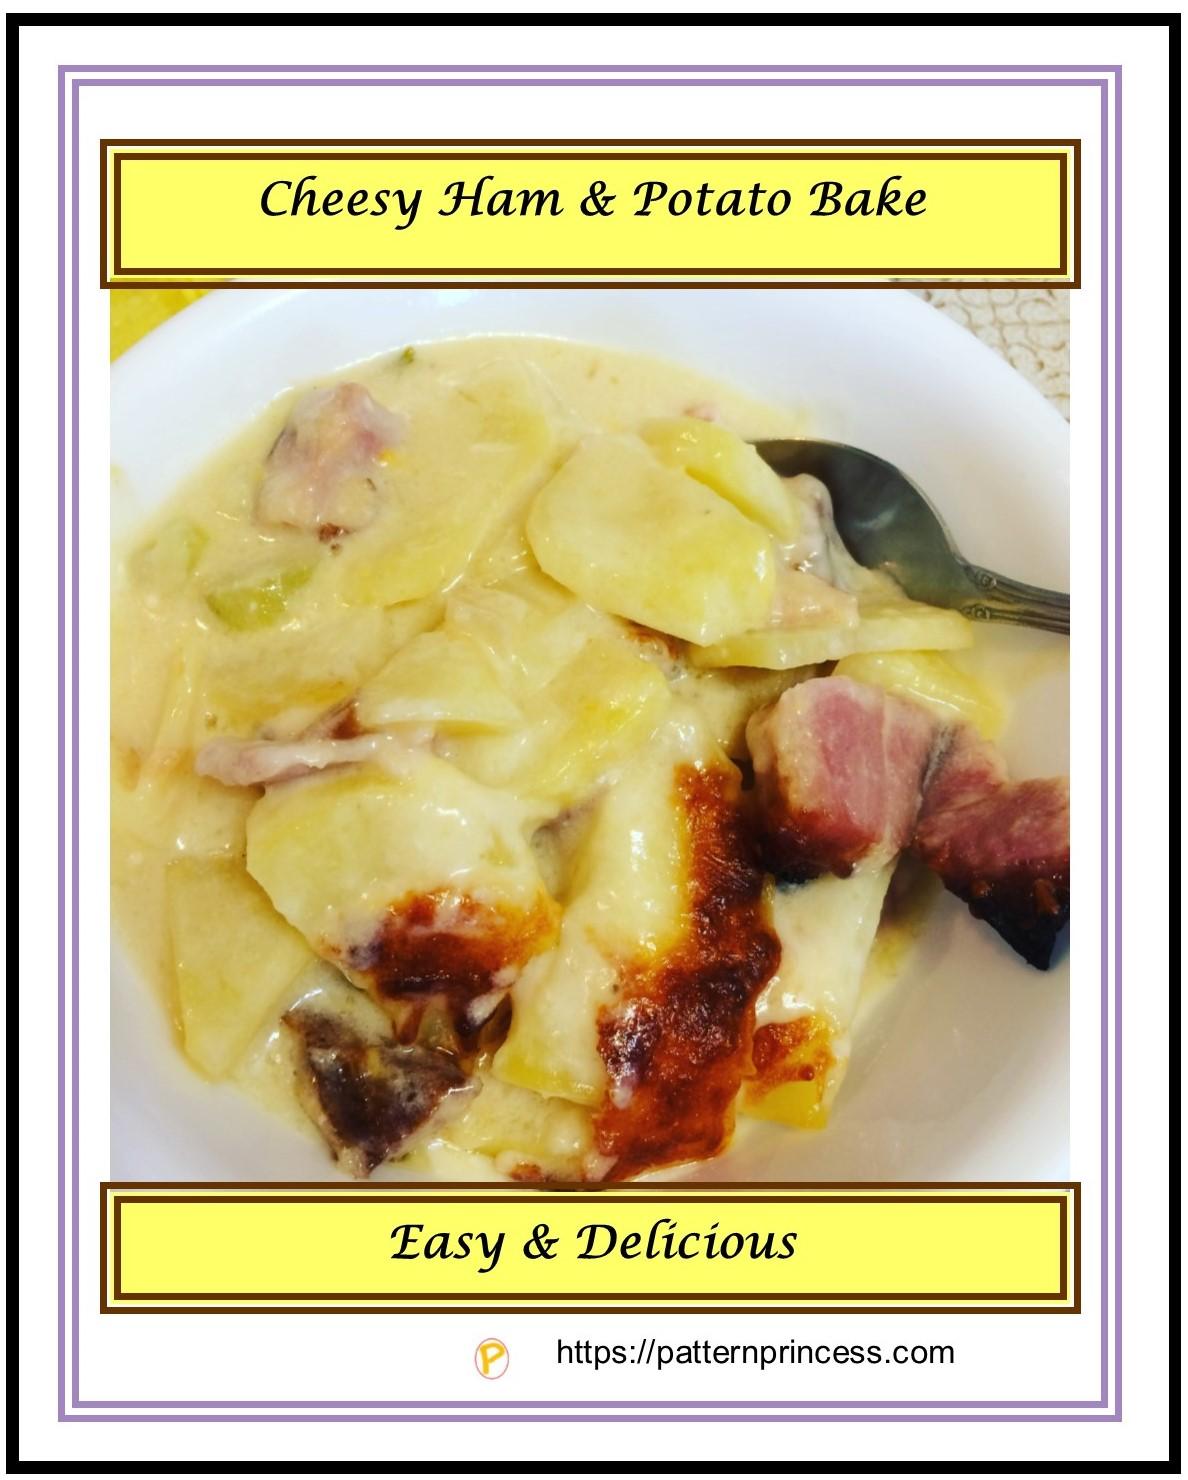 Cheesy ham and potato bake 2